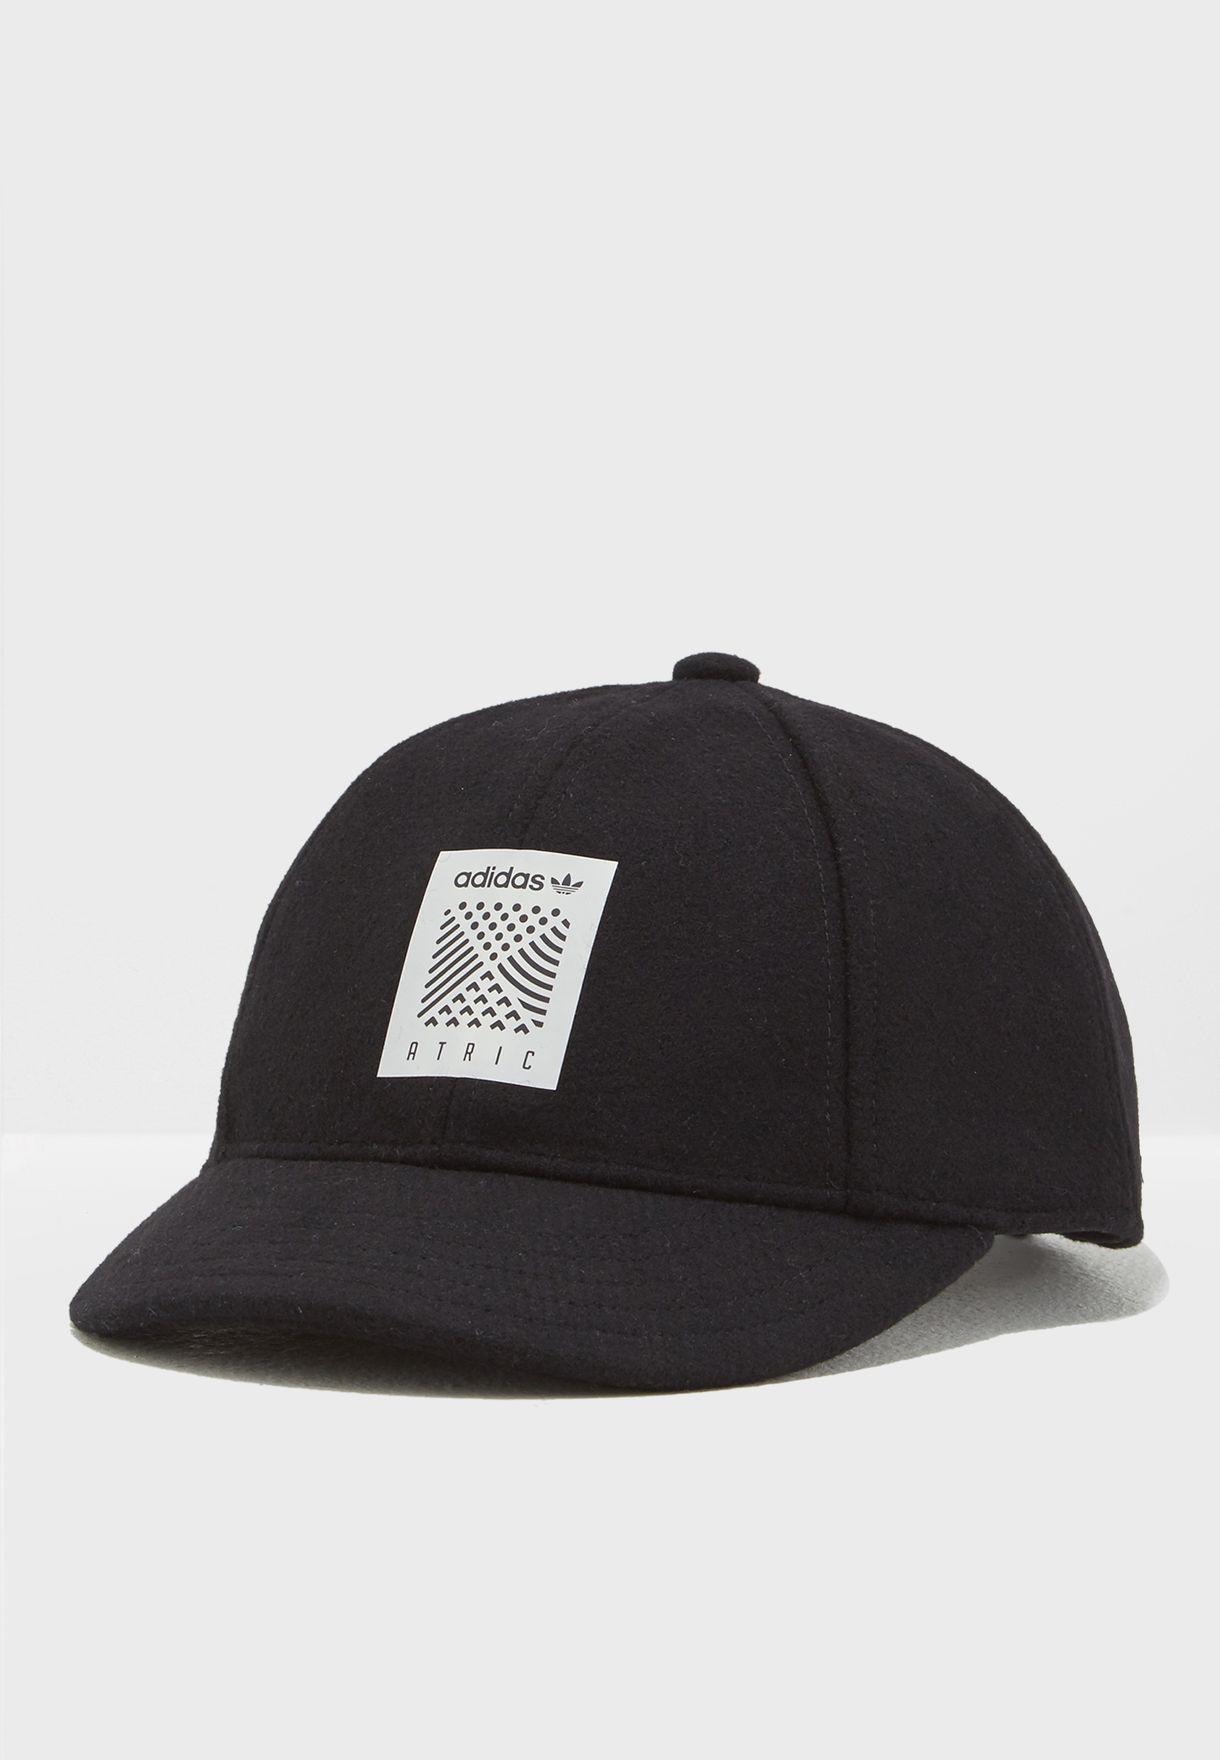 09ad861a9f5 Shop adidas Originals black Atric Cap DH3301 for Men in UAE ...